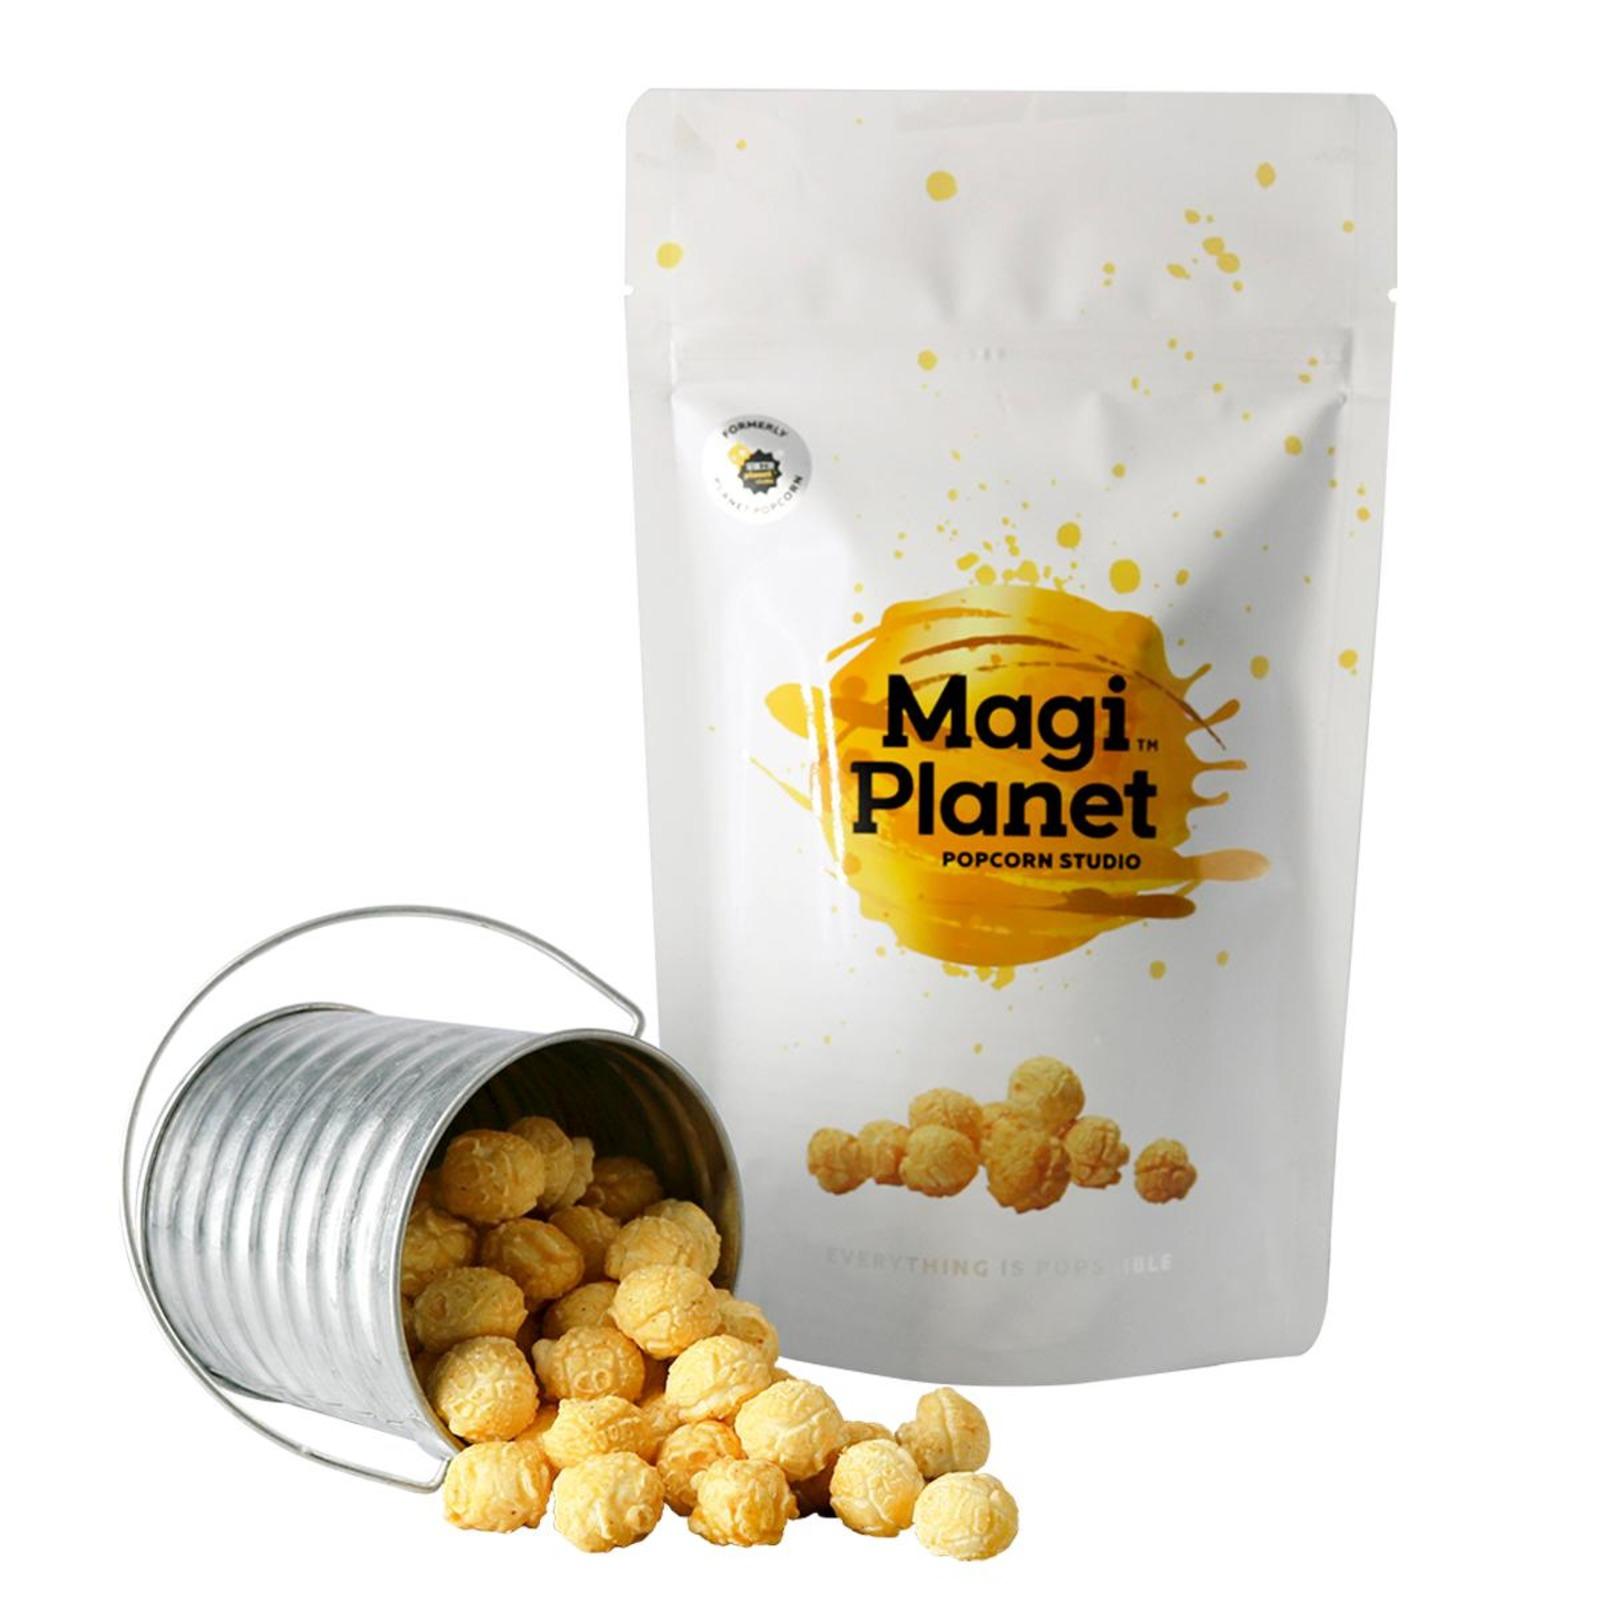 Magi Planet Caramel Salted Egg